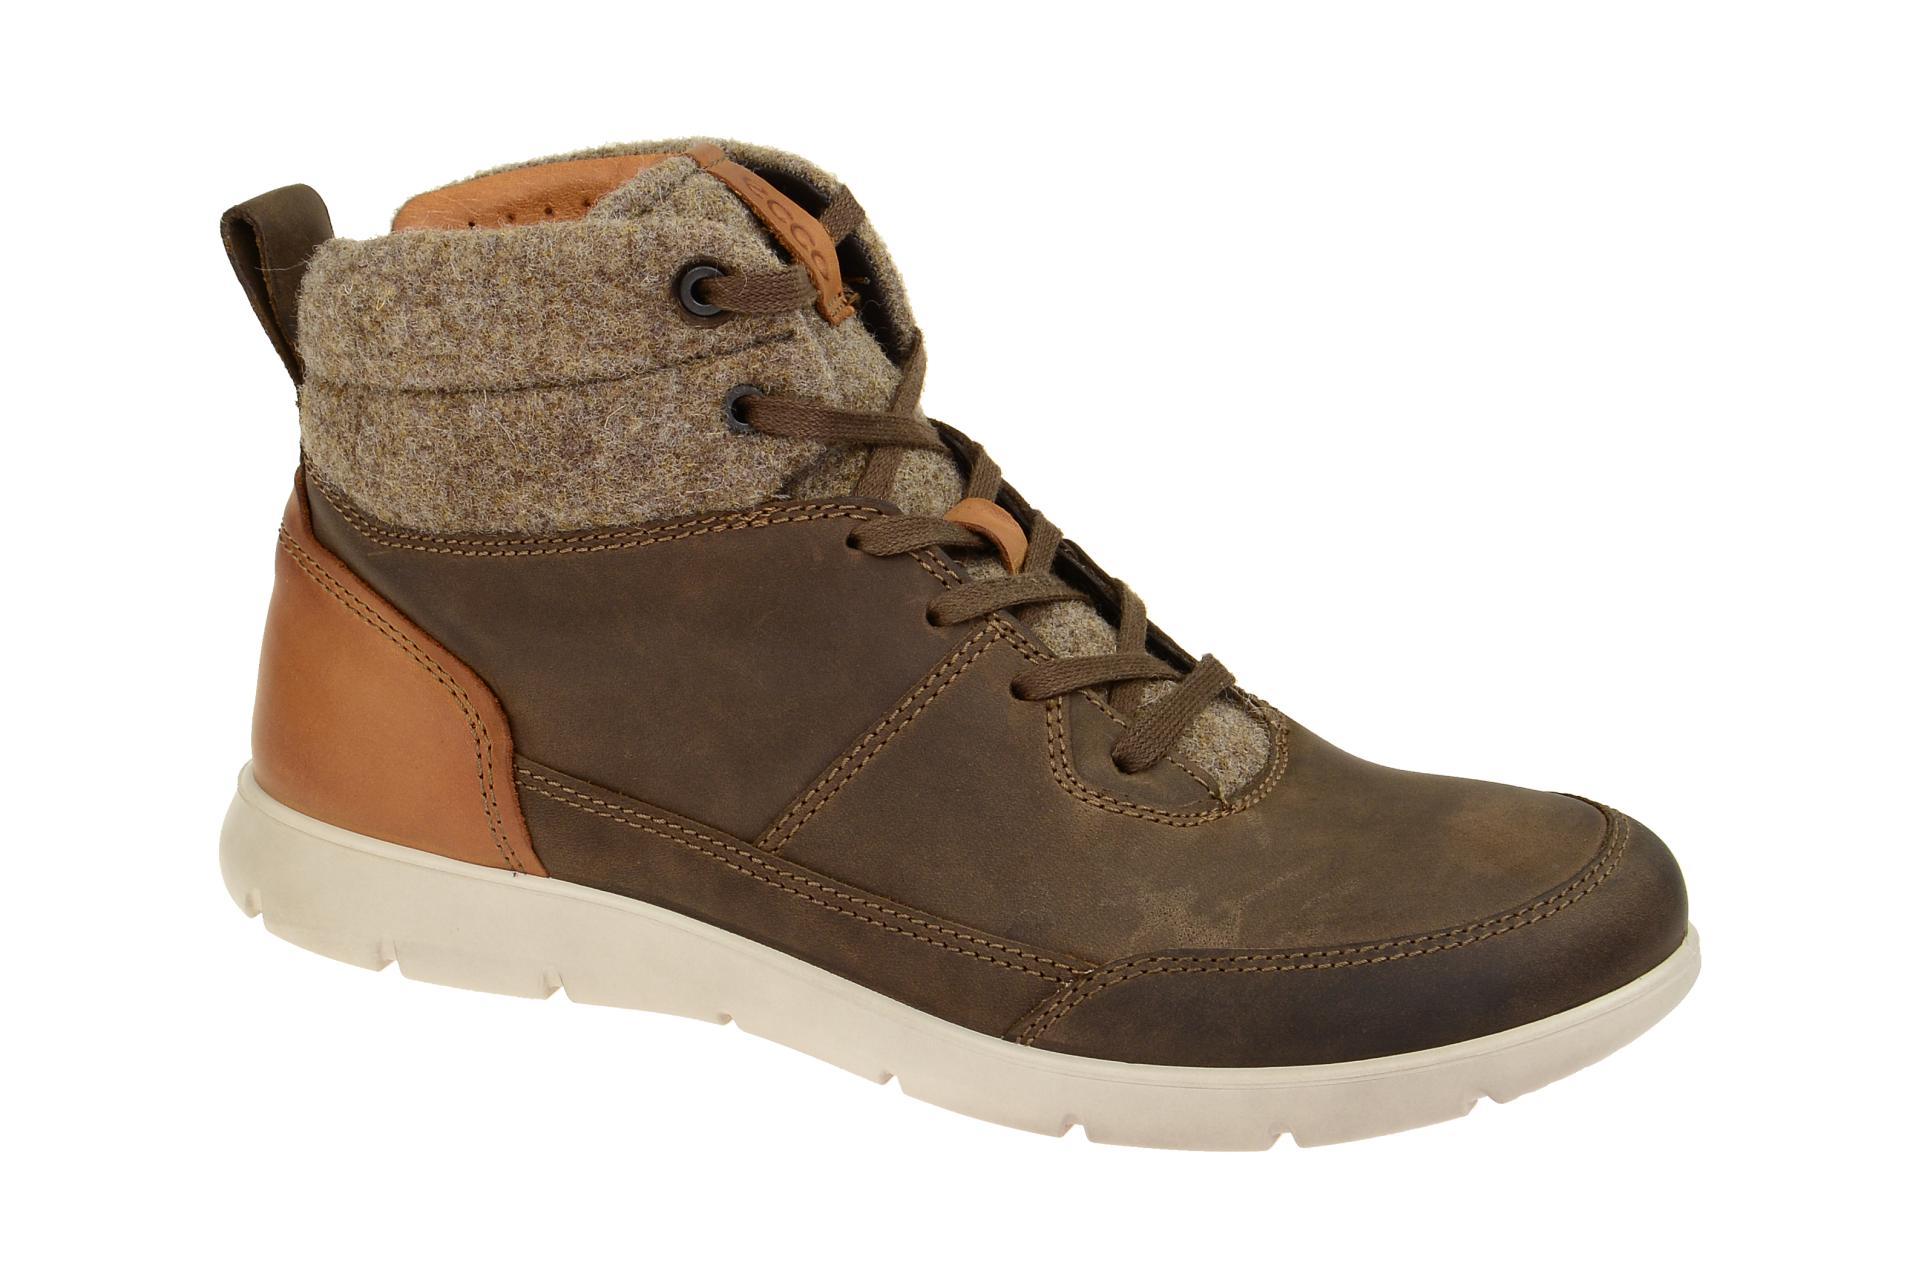 0101488faff24d Ecco Herren Stiefel Boots Iowa braun - Schuhhaus Strauch Shop